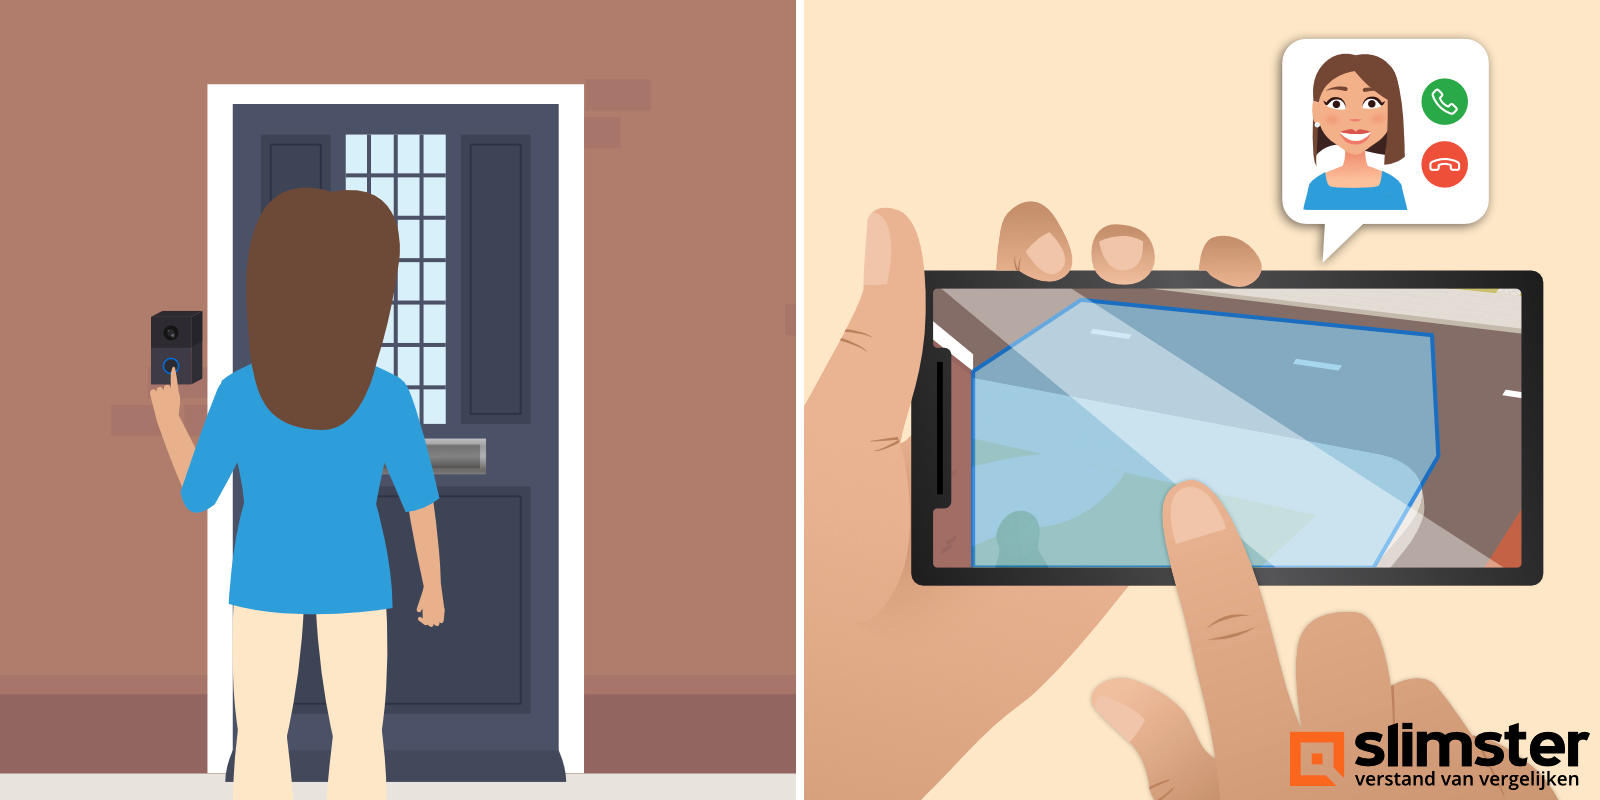 bewegingsdetectie instellen slimme deurbel